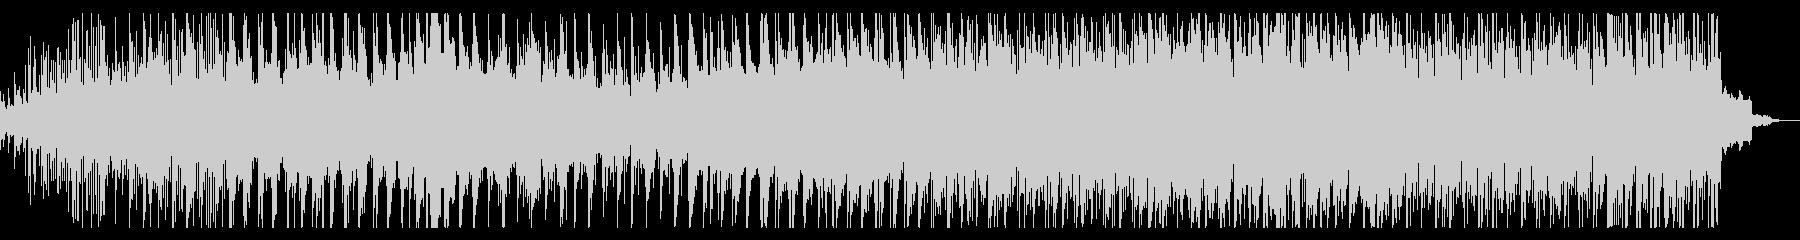 シンプルなシネマティックIDMの未再生の波形